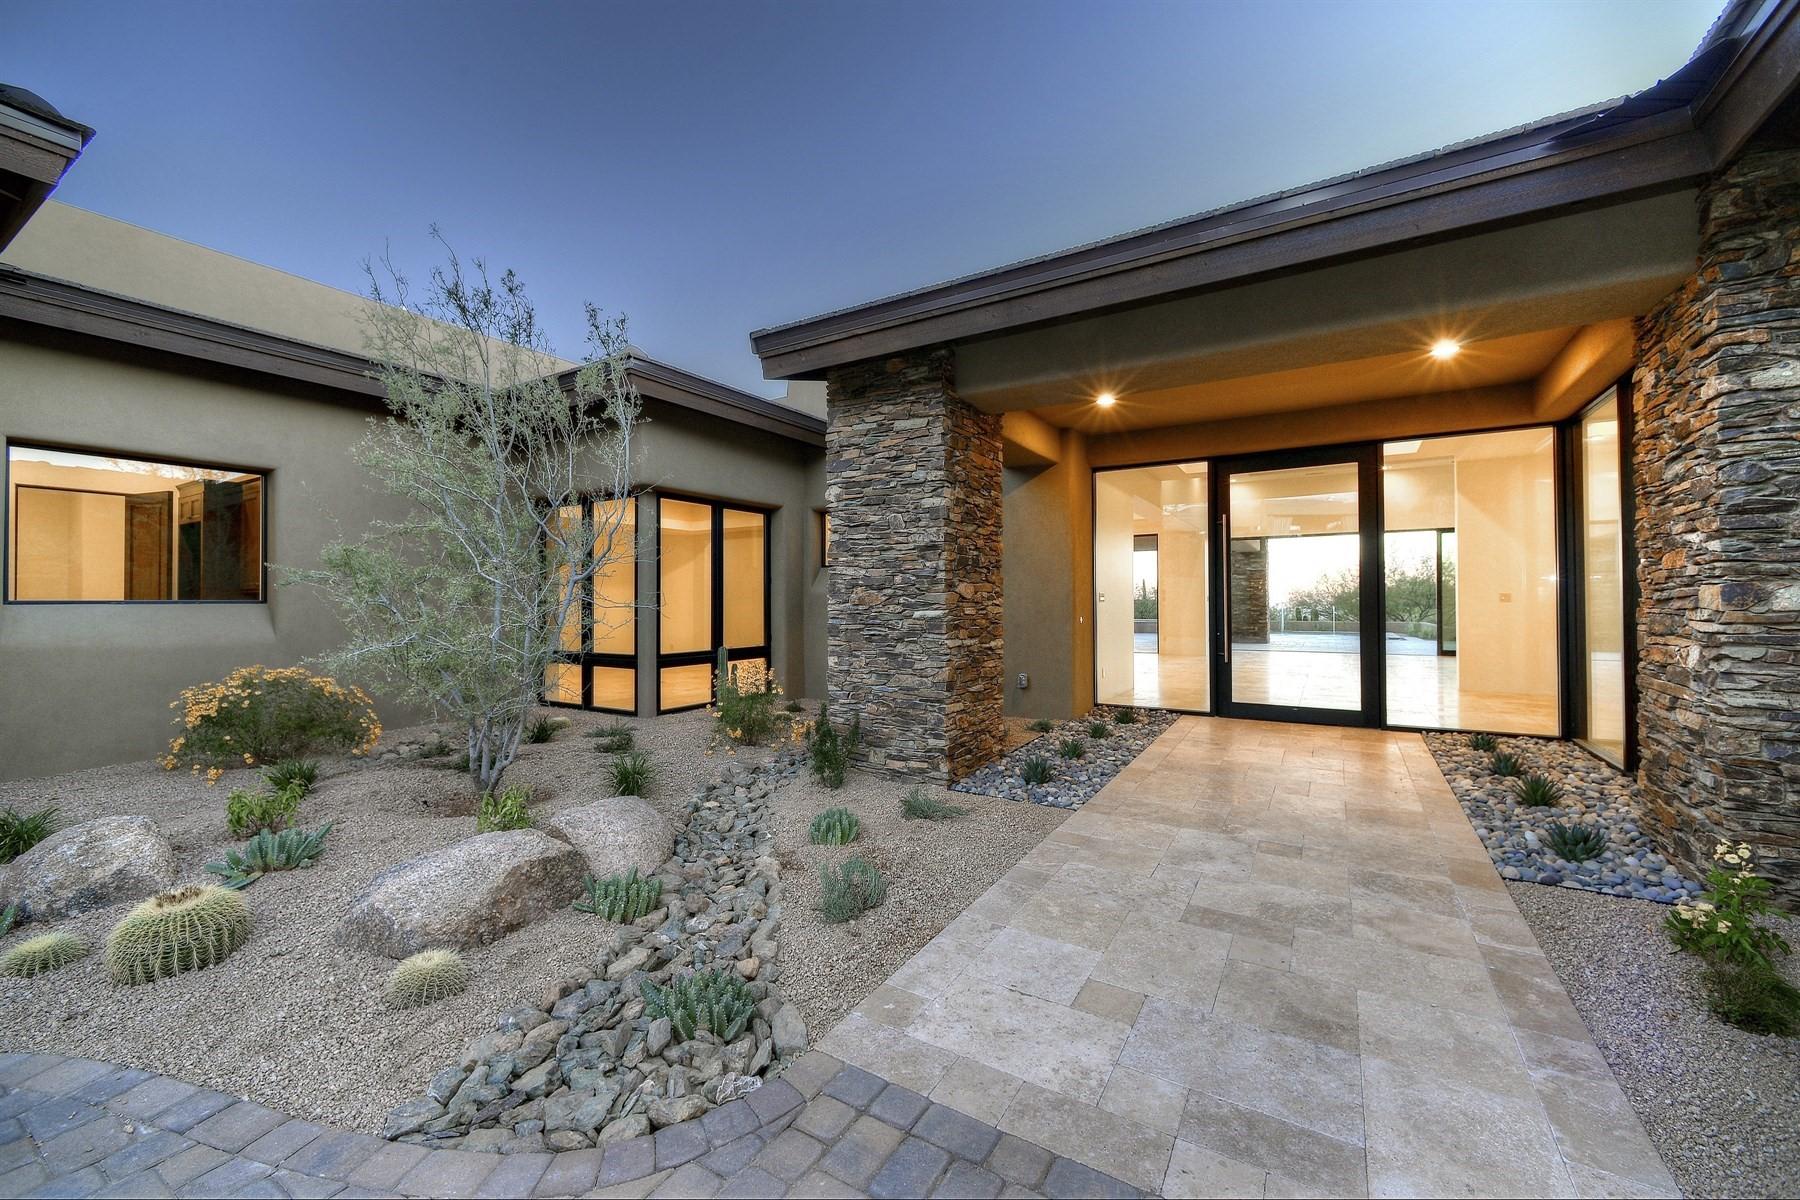 단독 가정 주택 용 매매 에 Southwest Contemporary with no interior steps and stone floors throughout 11077 E Honey Mesquite DR Scottsdale, 아리조나, 85262 미국